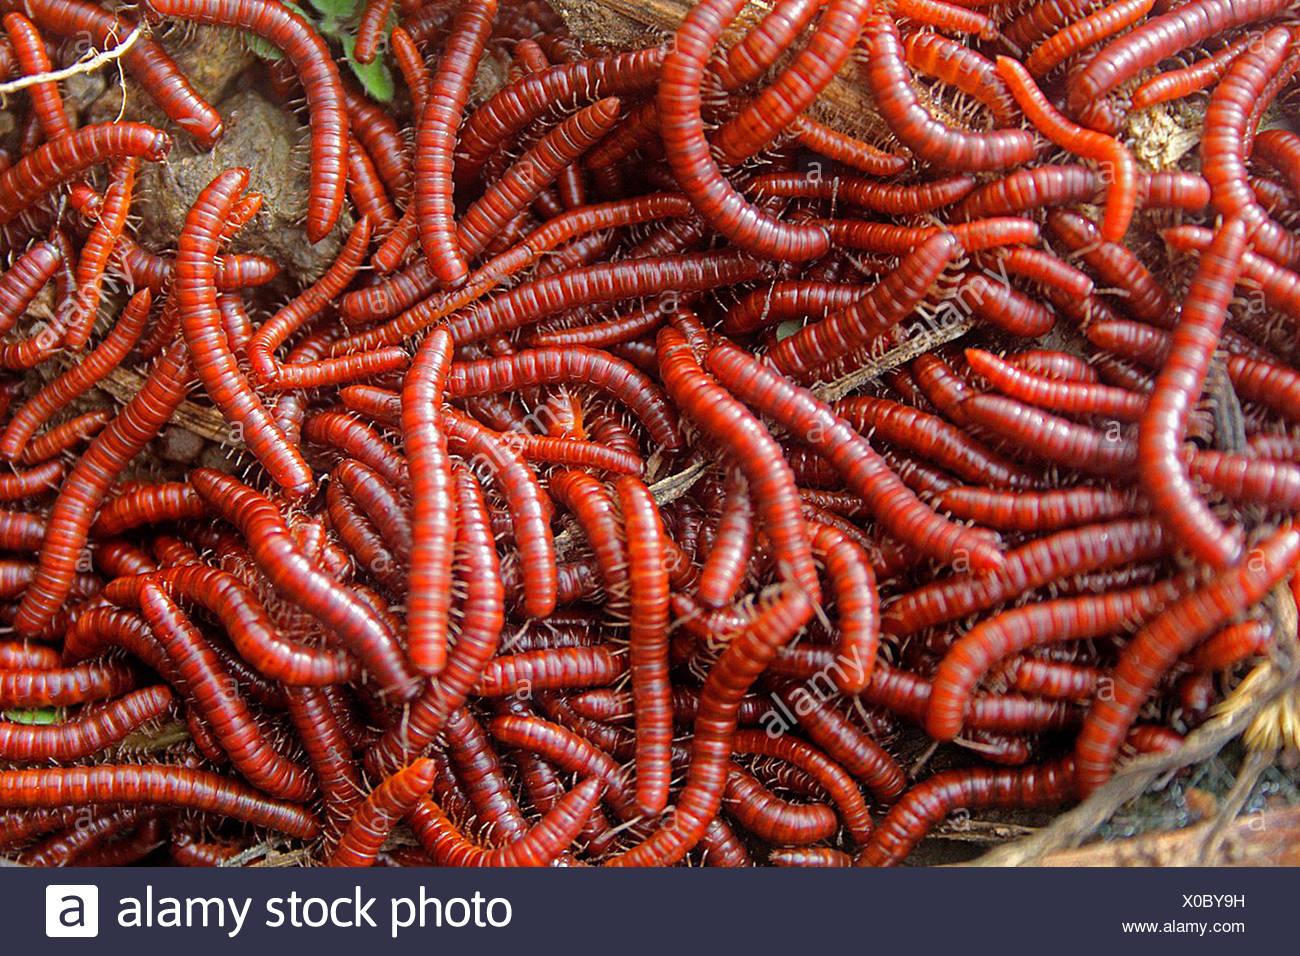 Quando Millipedes allarmato, la maggior parte della bobina millipedes fino nel tentativo di proteggere se stessi, riscontrato durante il monsone, quasi in un gruppo Maharashtra, India Immagini Stock